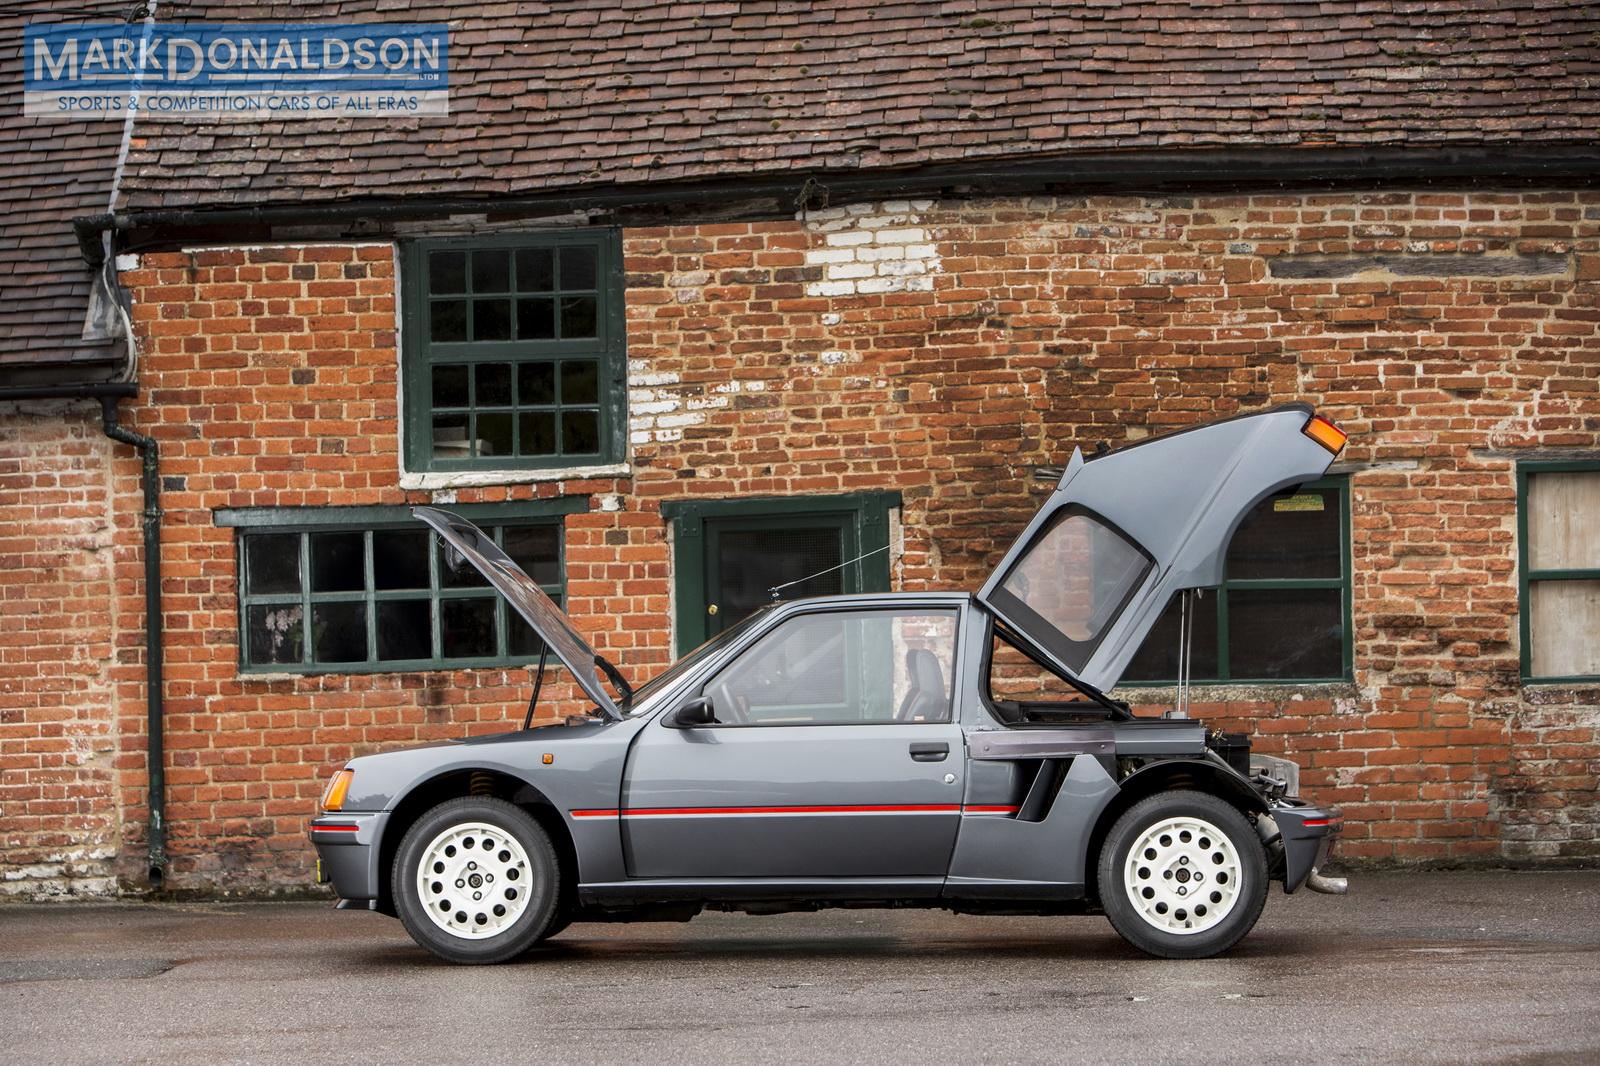 Peugeot 205 Turbo 16 2 10